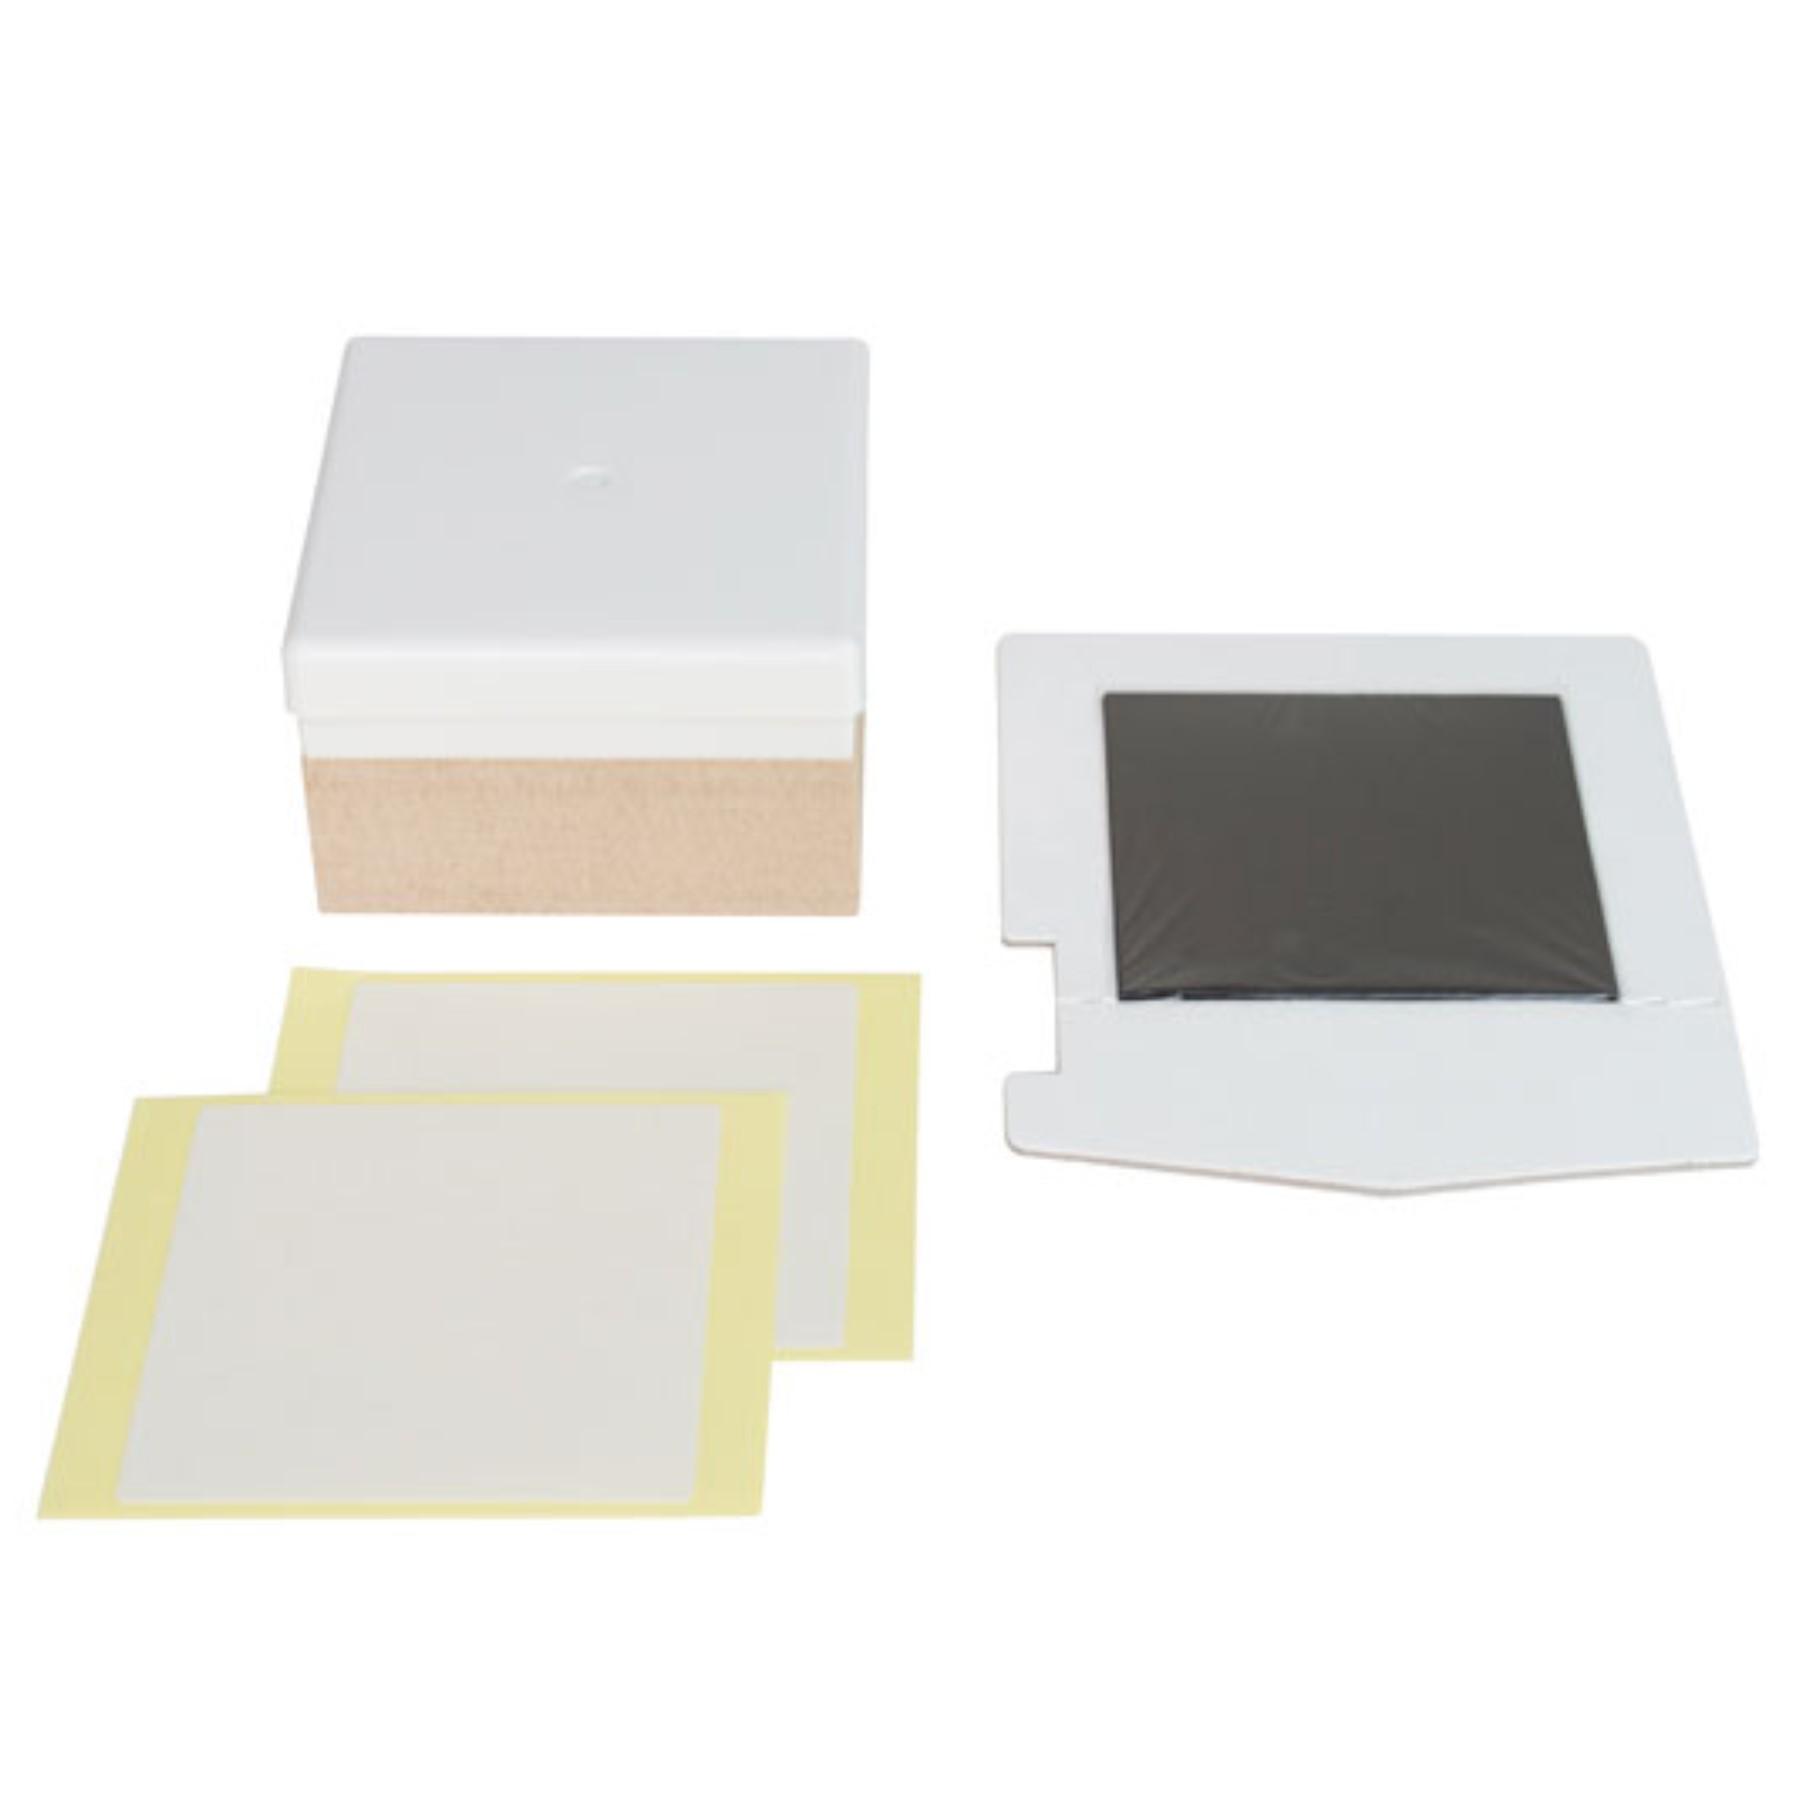 Kit de timbre 4,5 x 4,5 cm